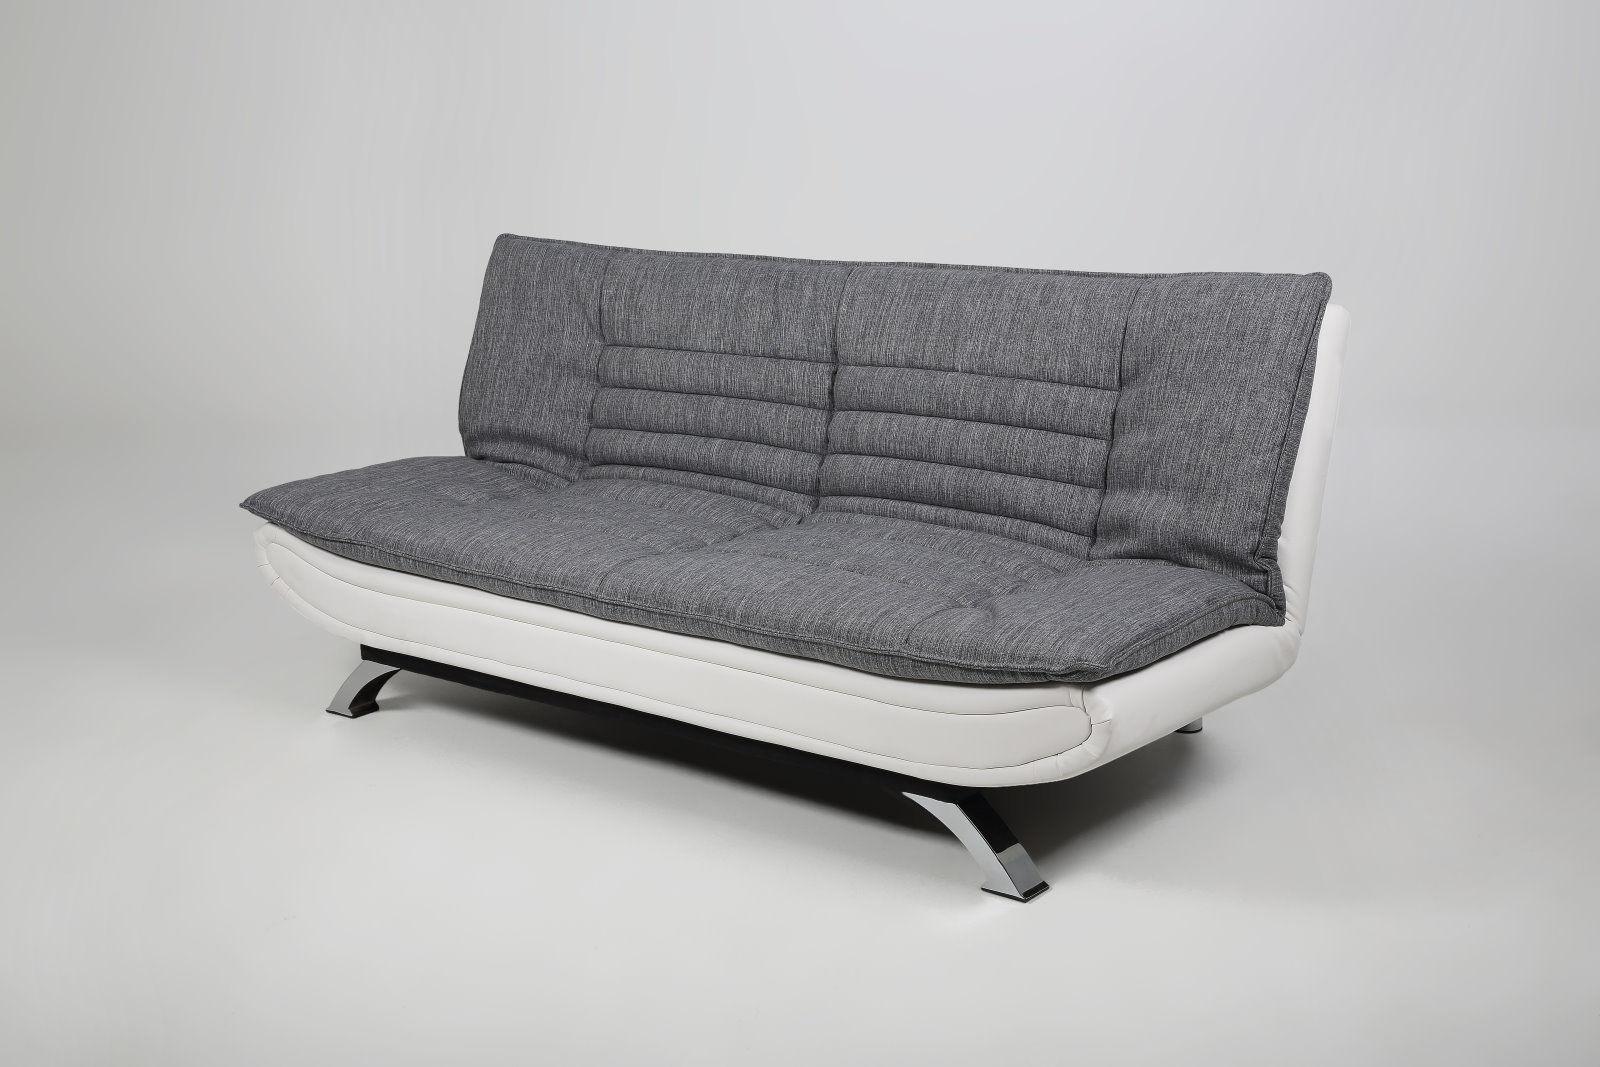 Details Zu Pkline Schlafsofa Weiss Grau Schlafcouch Funktionssofa Gaste Bett Couch